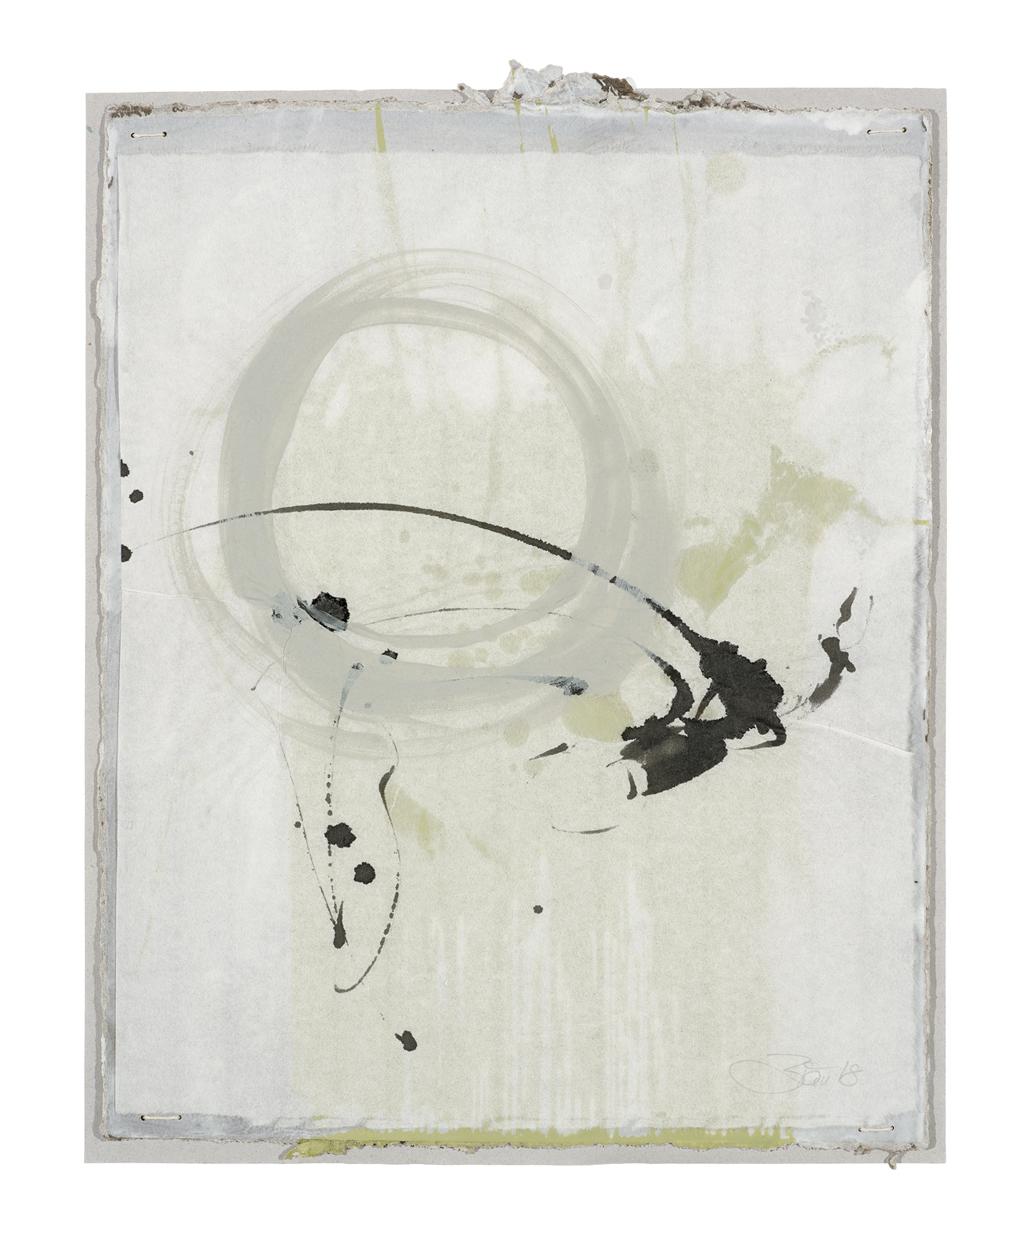 Die Dinge singen hör ich so gern III | 2018, zweischichtige Papierarbeit, Schelllacktusche auf Japanpapier über Acryl und Gesso auf Pappe, 29 x 23 cm